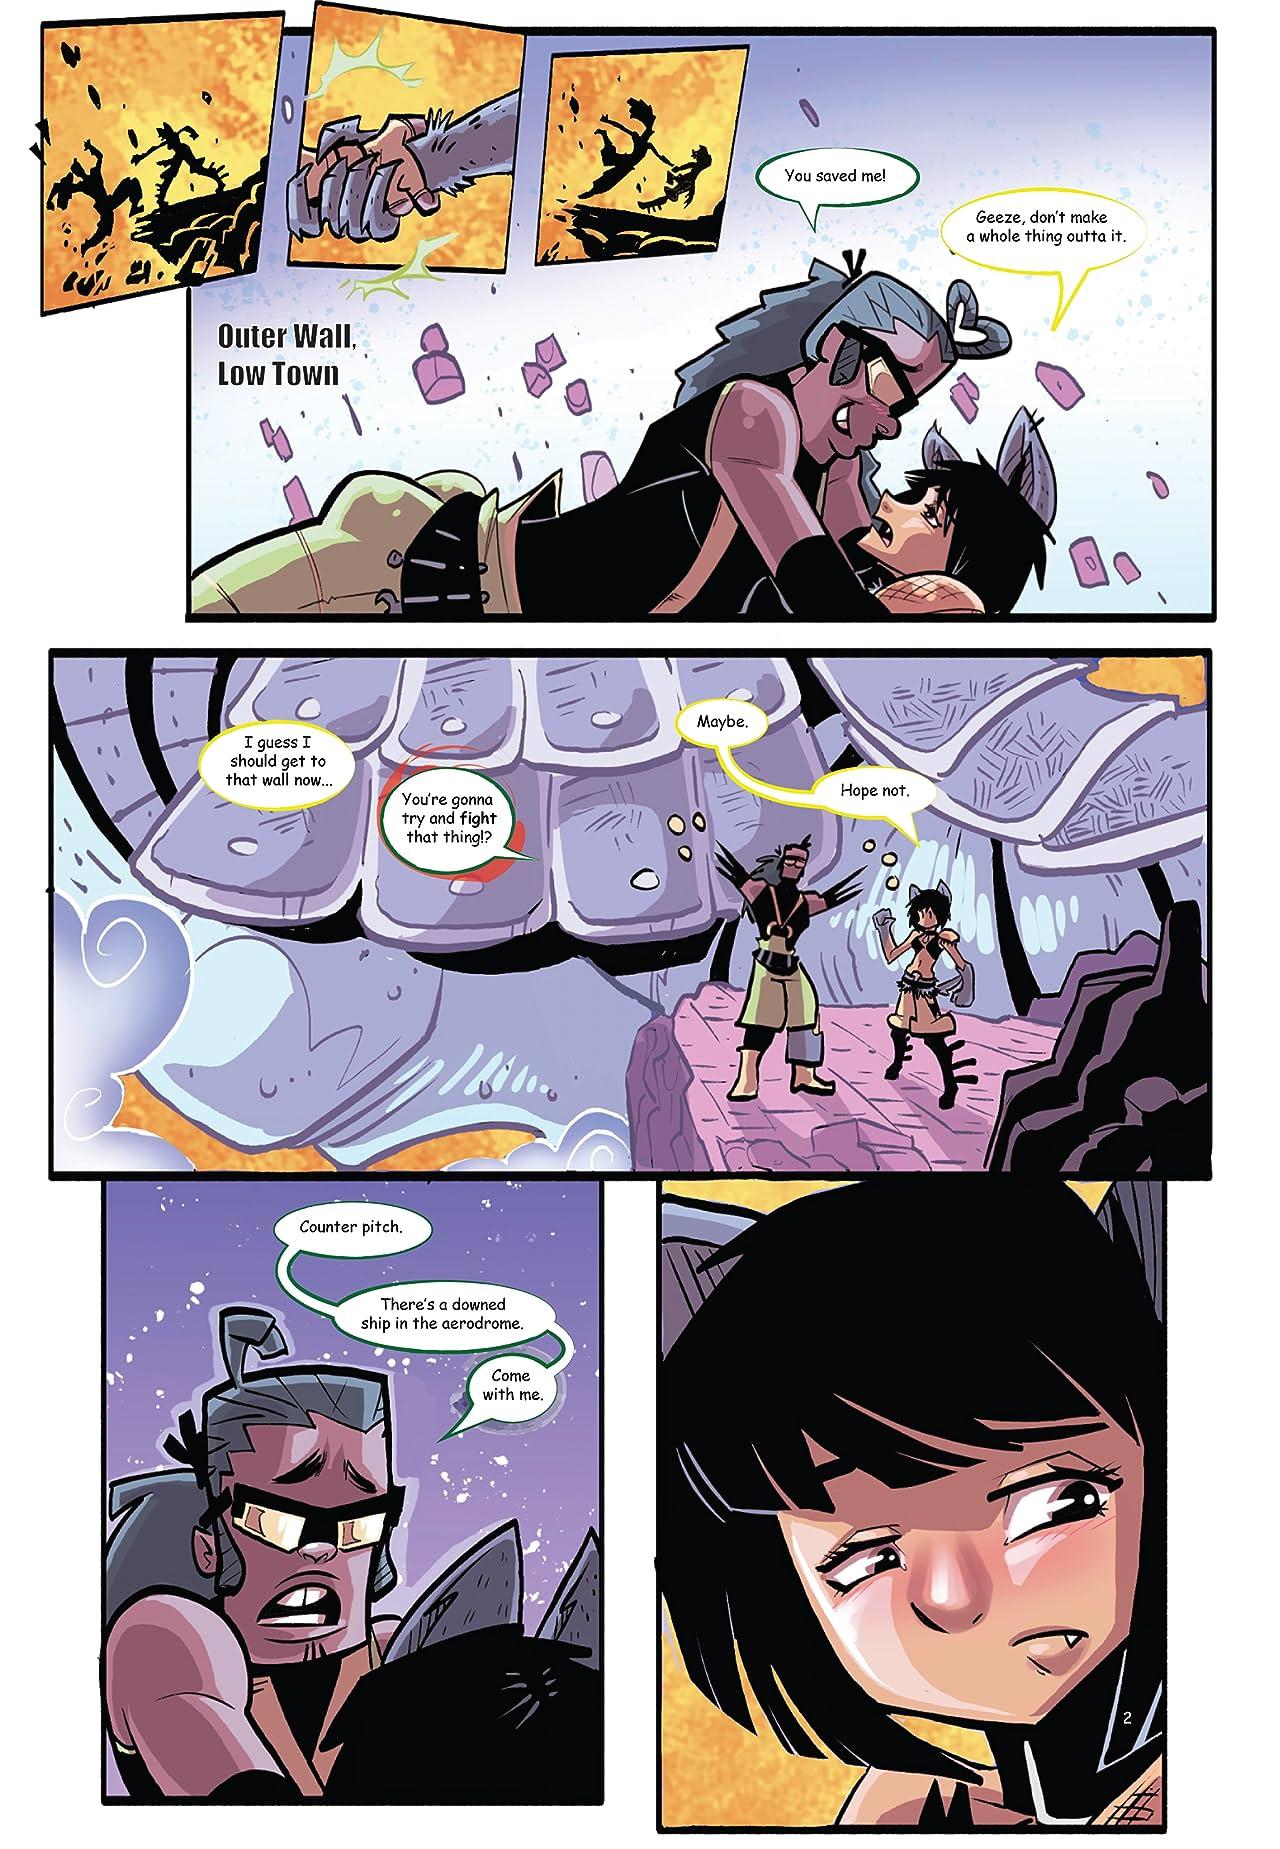 Vanquished: Weird Princess Vol. 1 #4